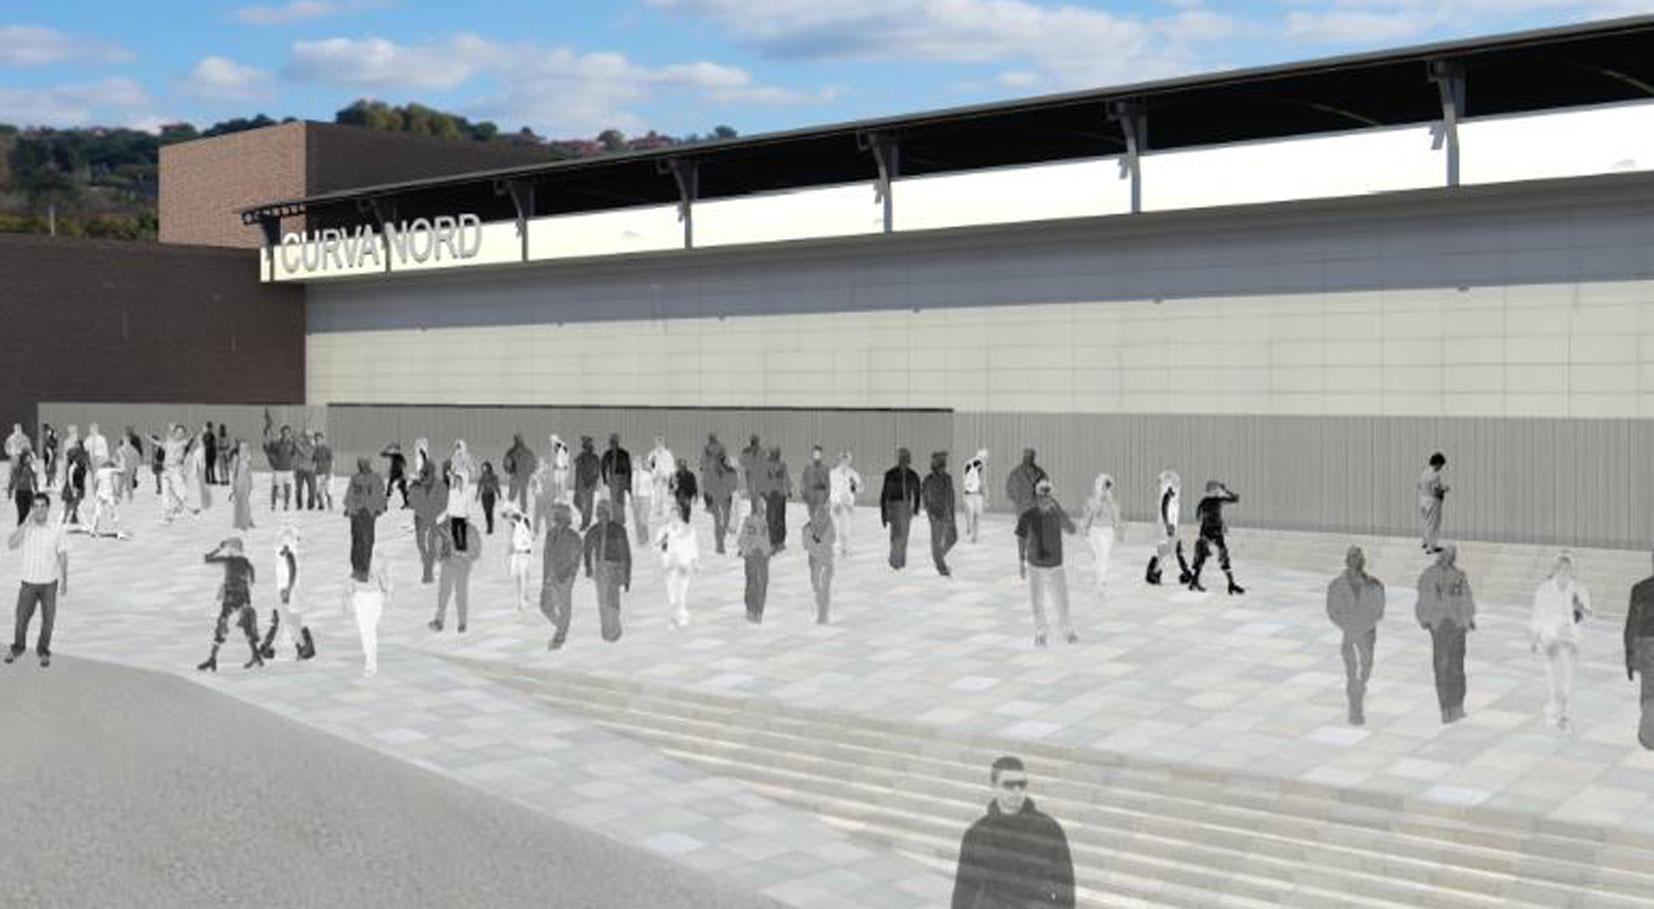 Presentato il progetto per il restyling dello stadio - Piscine lu fangazzu ...